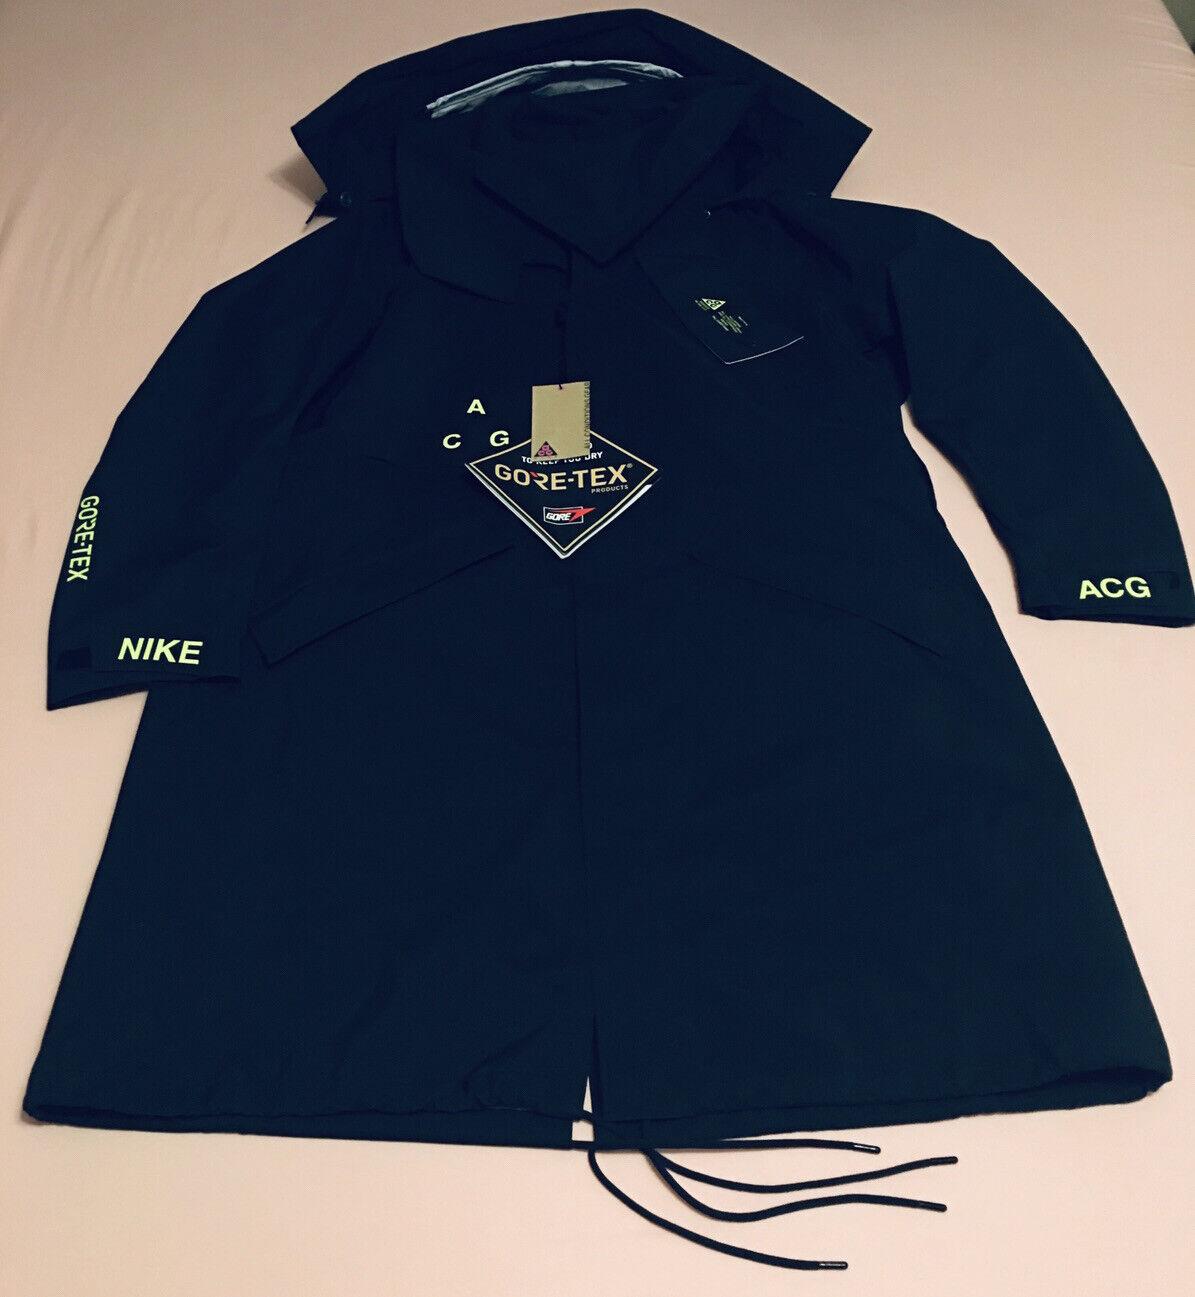 Mens NikeLab ACG GORE-TEX Jacket Coat AQ3516-010 Black NEW S